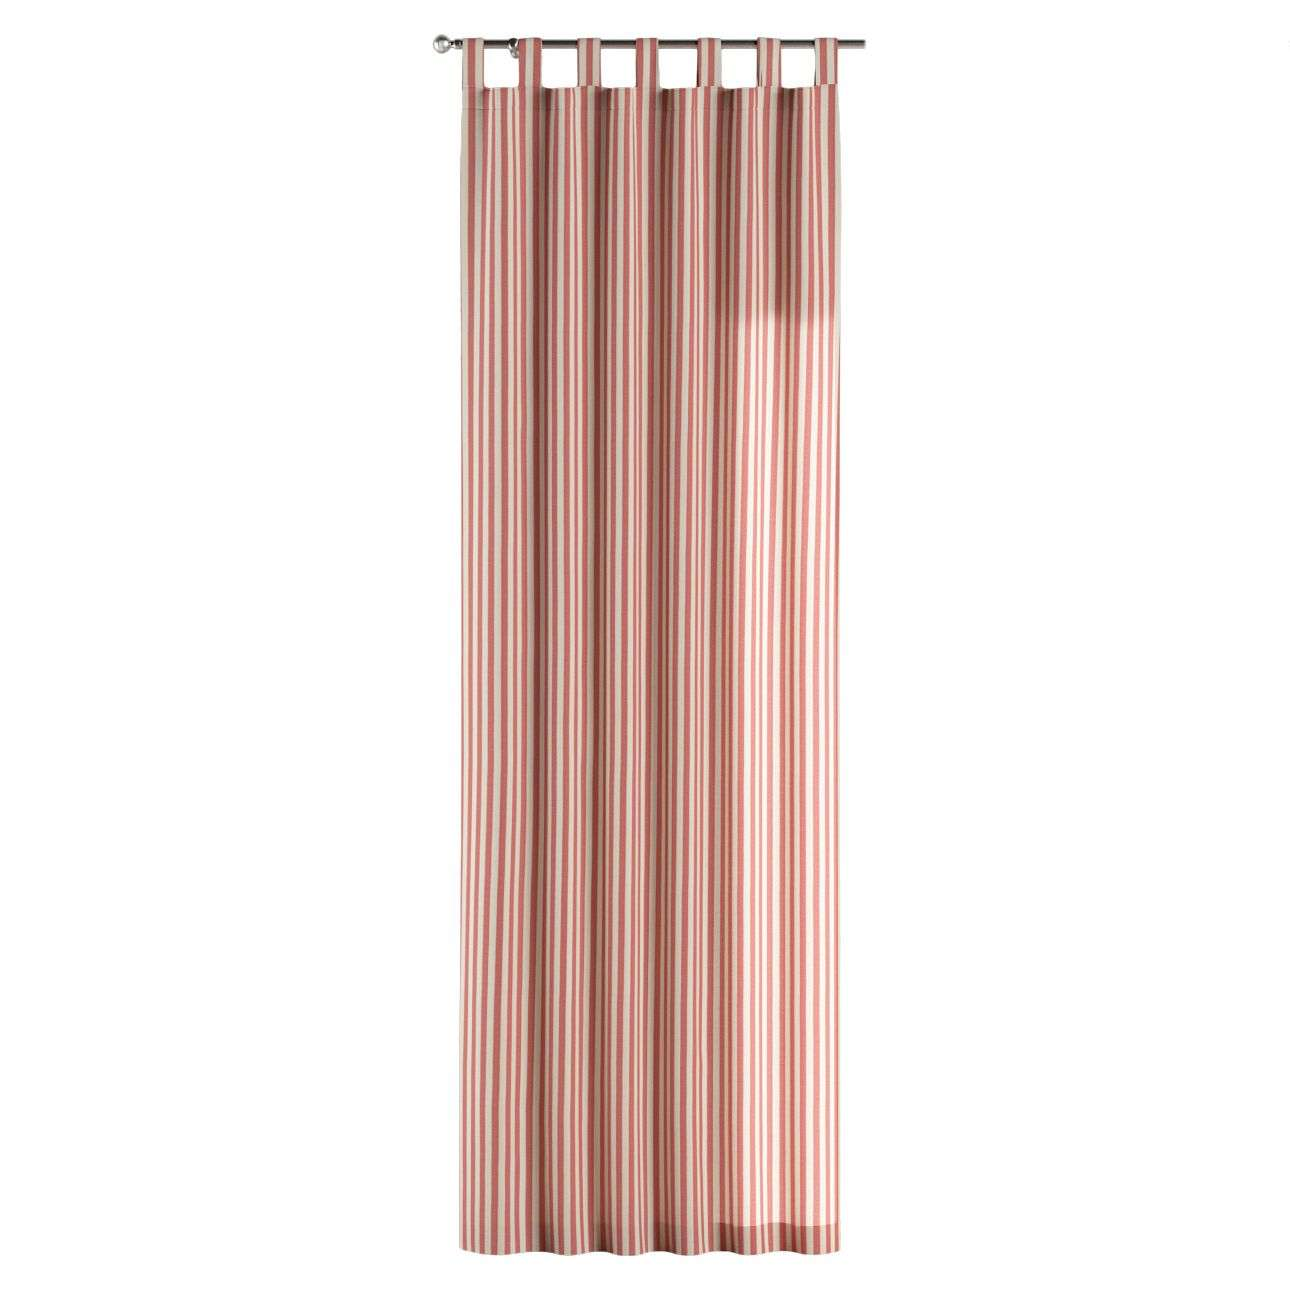 Zasłona na szelkach 1 szt. 1szt 130x260 cm w kolekcji Quadro, tkanina: 136-17